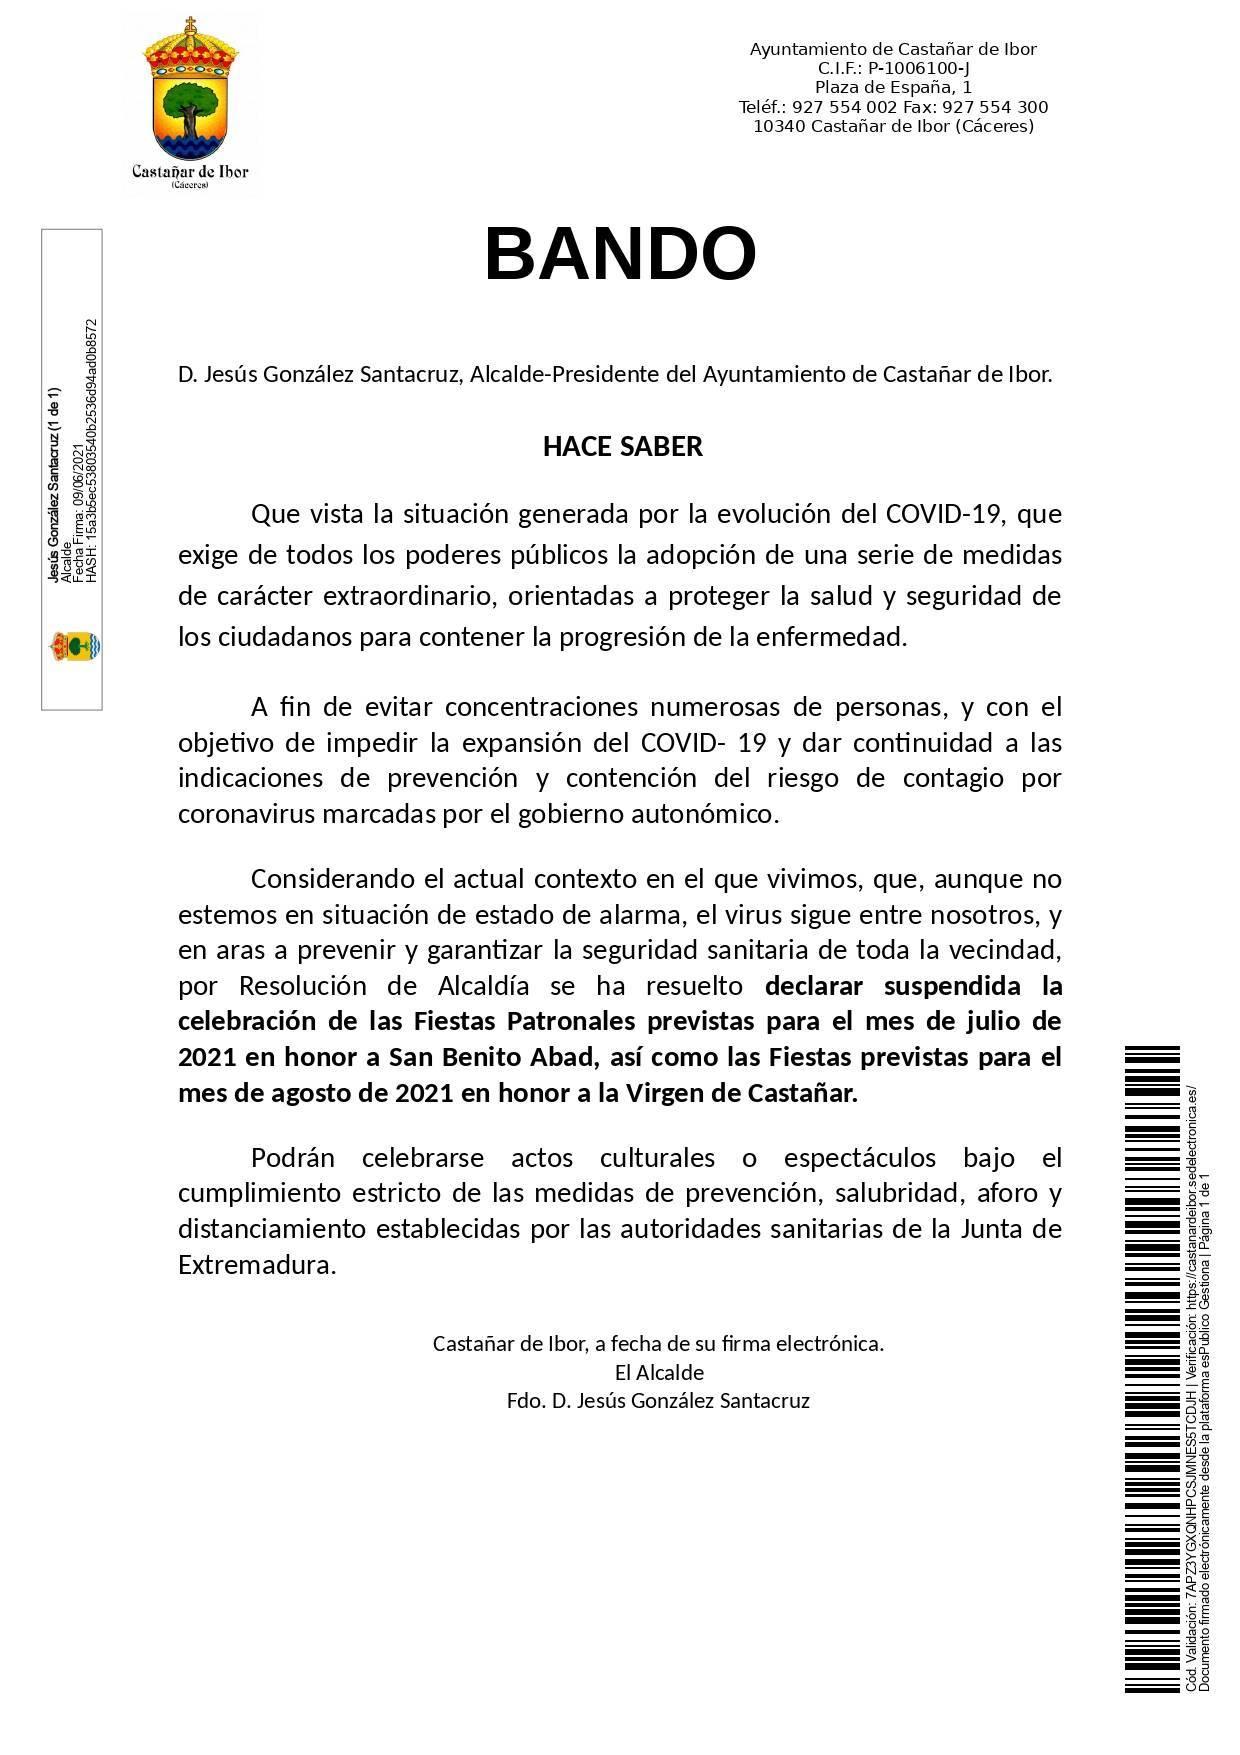 Se suspenden las fiestas de verano (2021) - Castañar de Ibor (Cáceres)